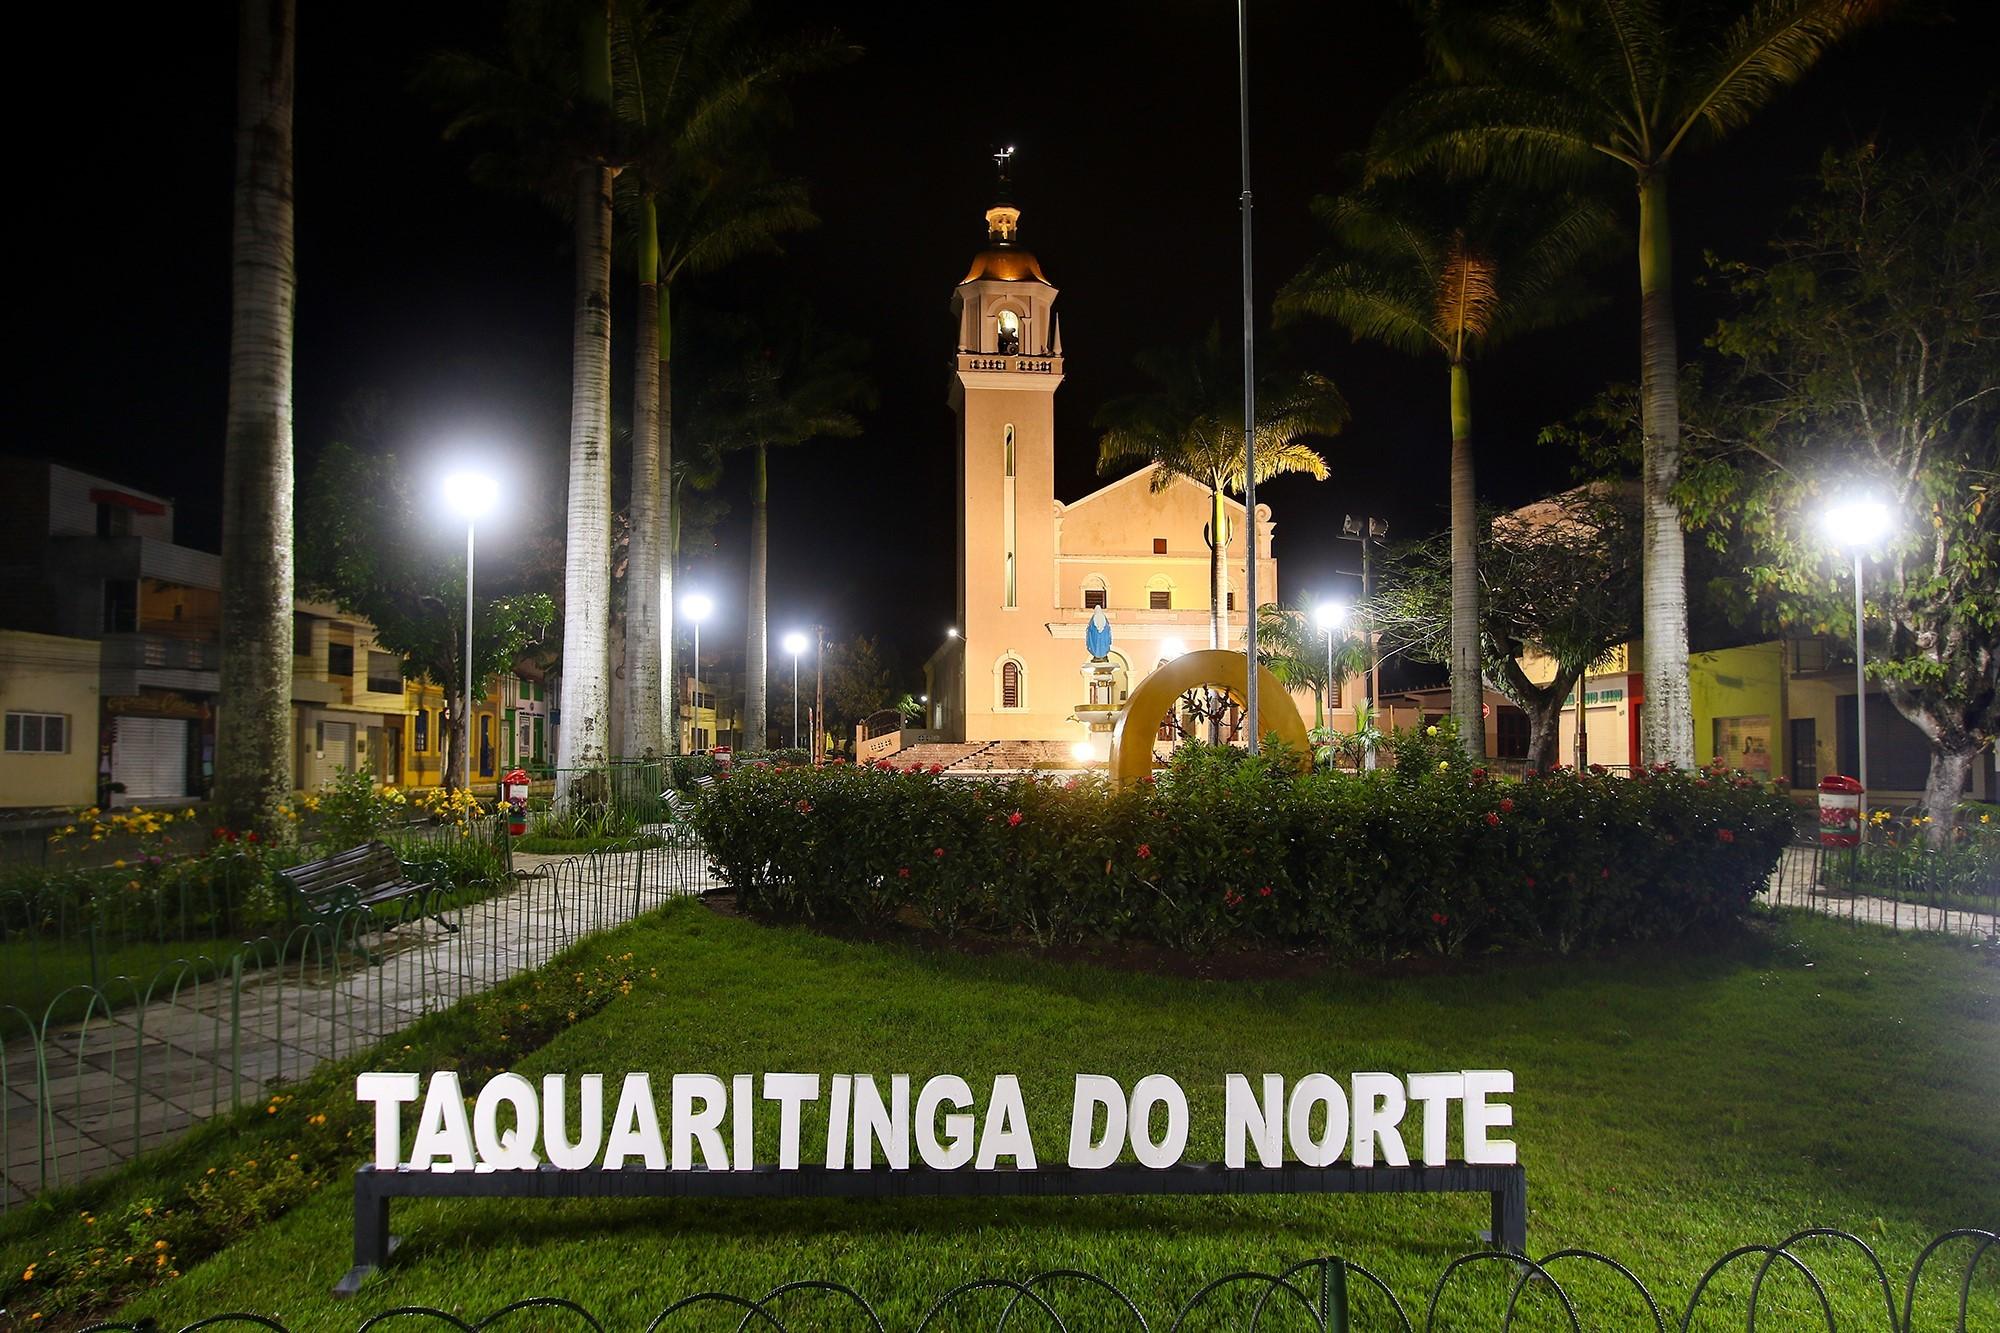 Conheça os pontos turísticos de Taquaritinga do Norte, a Capital do Café